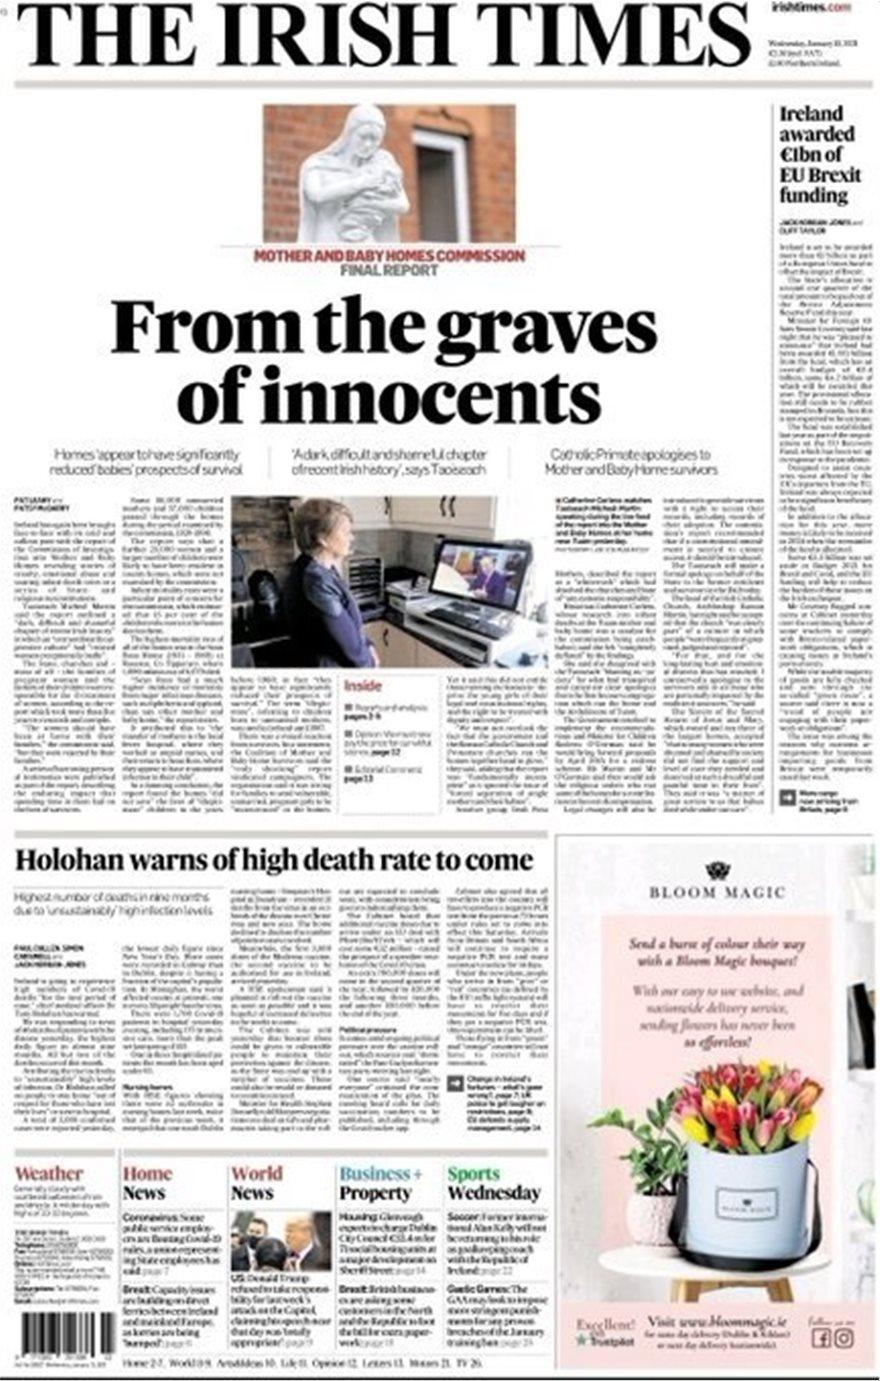 Ιρλανδία - «Εθνική ντροπή»: Σοκάρει η αποκάλυψη για τον θάνατο 9.000 παιδιών ανύπαντρων γυναικών από το 1922 ως το 1998 - Φωτογραφία 2